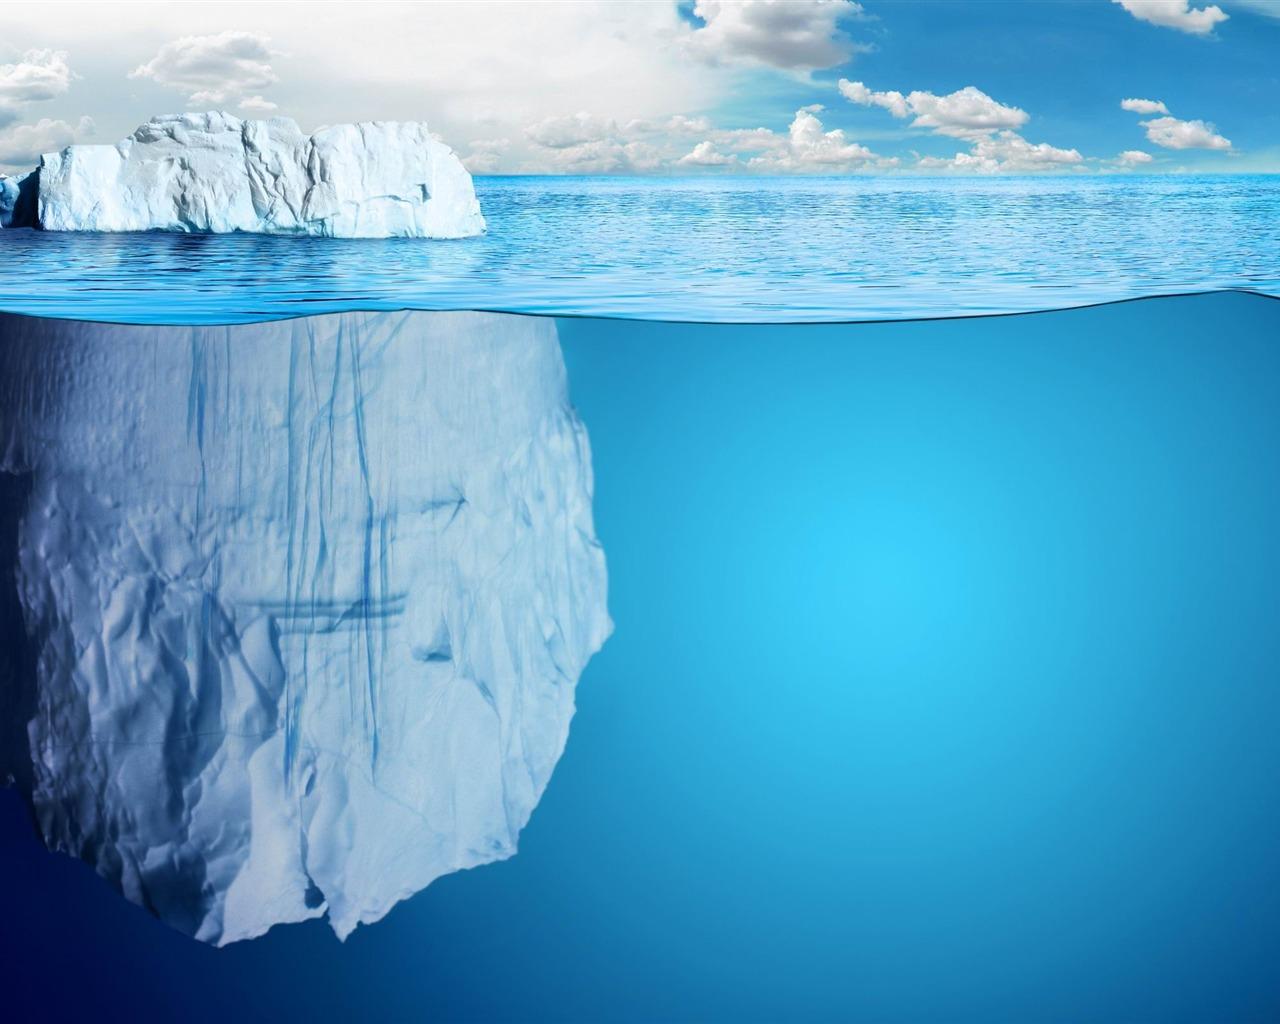 描述: 水深海域-高清图片壁纸 当前壁纸尺寸: 1280 x 1024图片